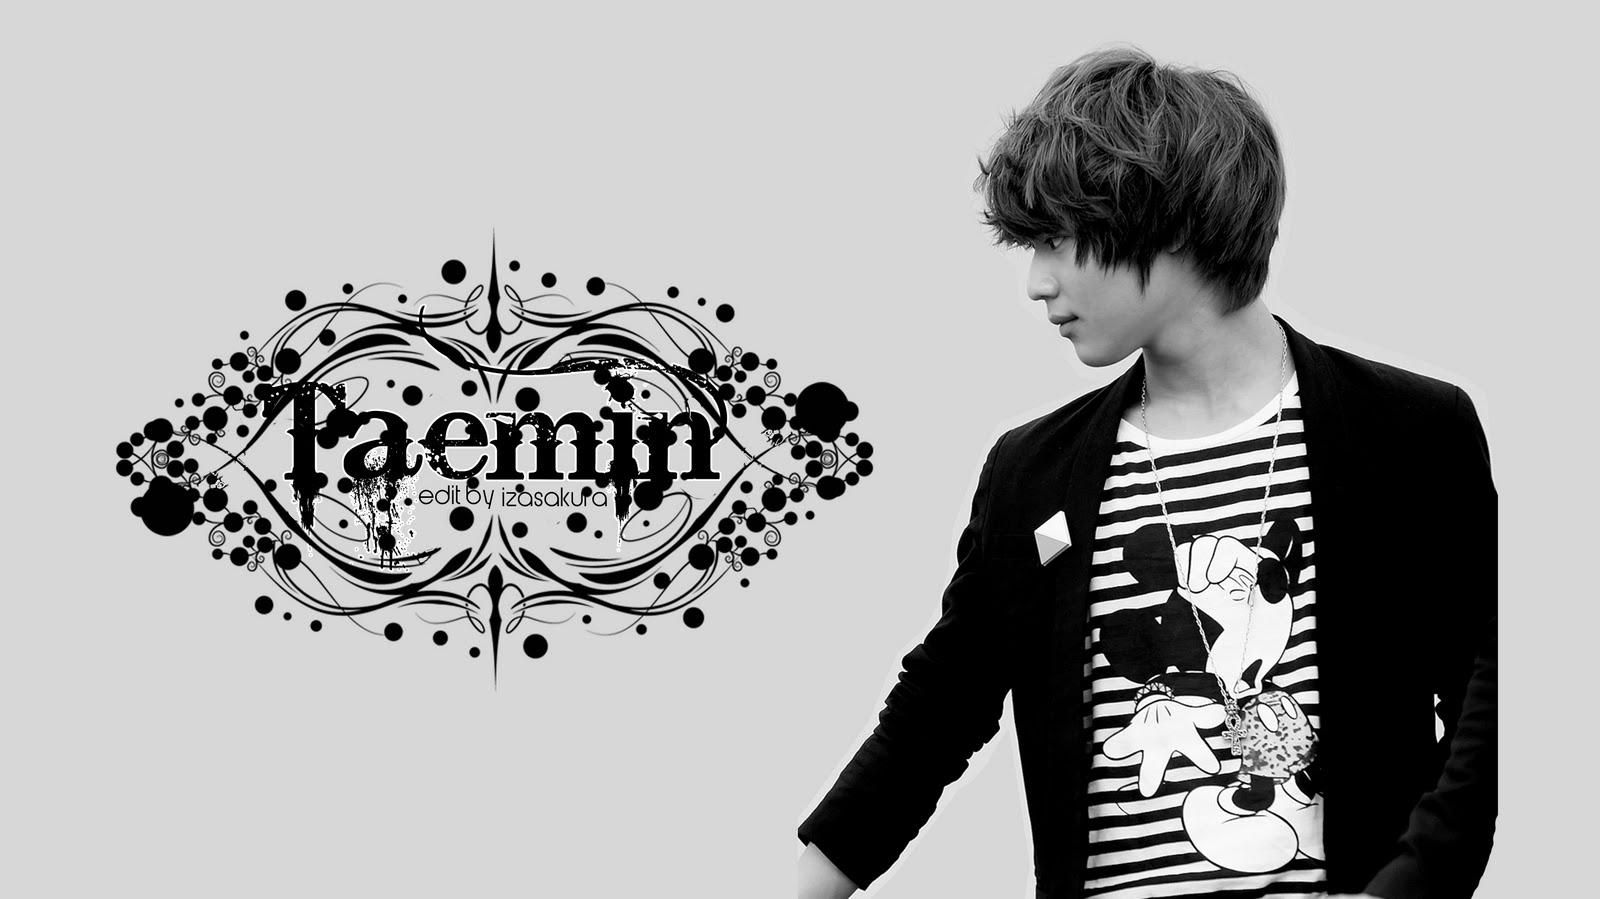 http://1.bp.blogspot.com/-OjPe3OCCEoQ/TePXBqdV67I/AAAAAAAAAMs/wf7U3IuJT4k/s1600/taemin+.jpg